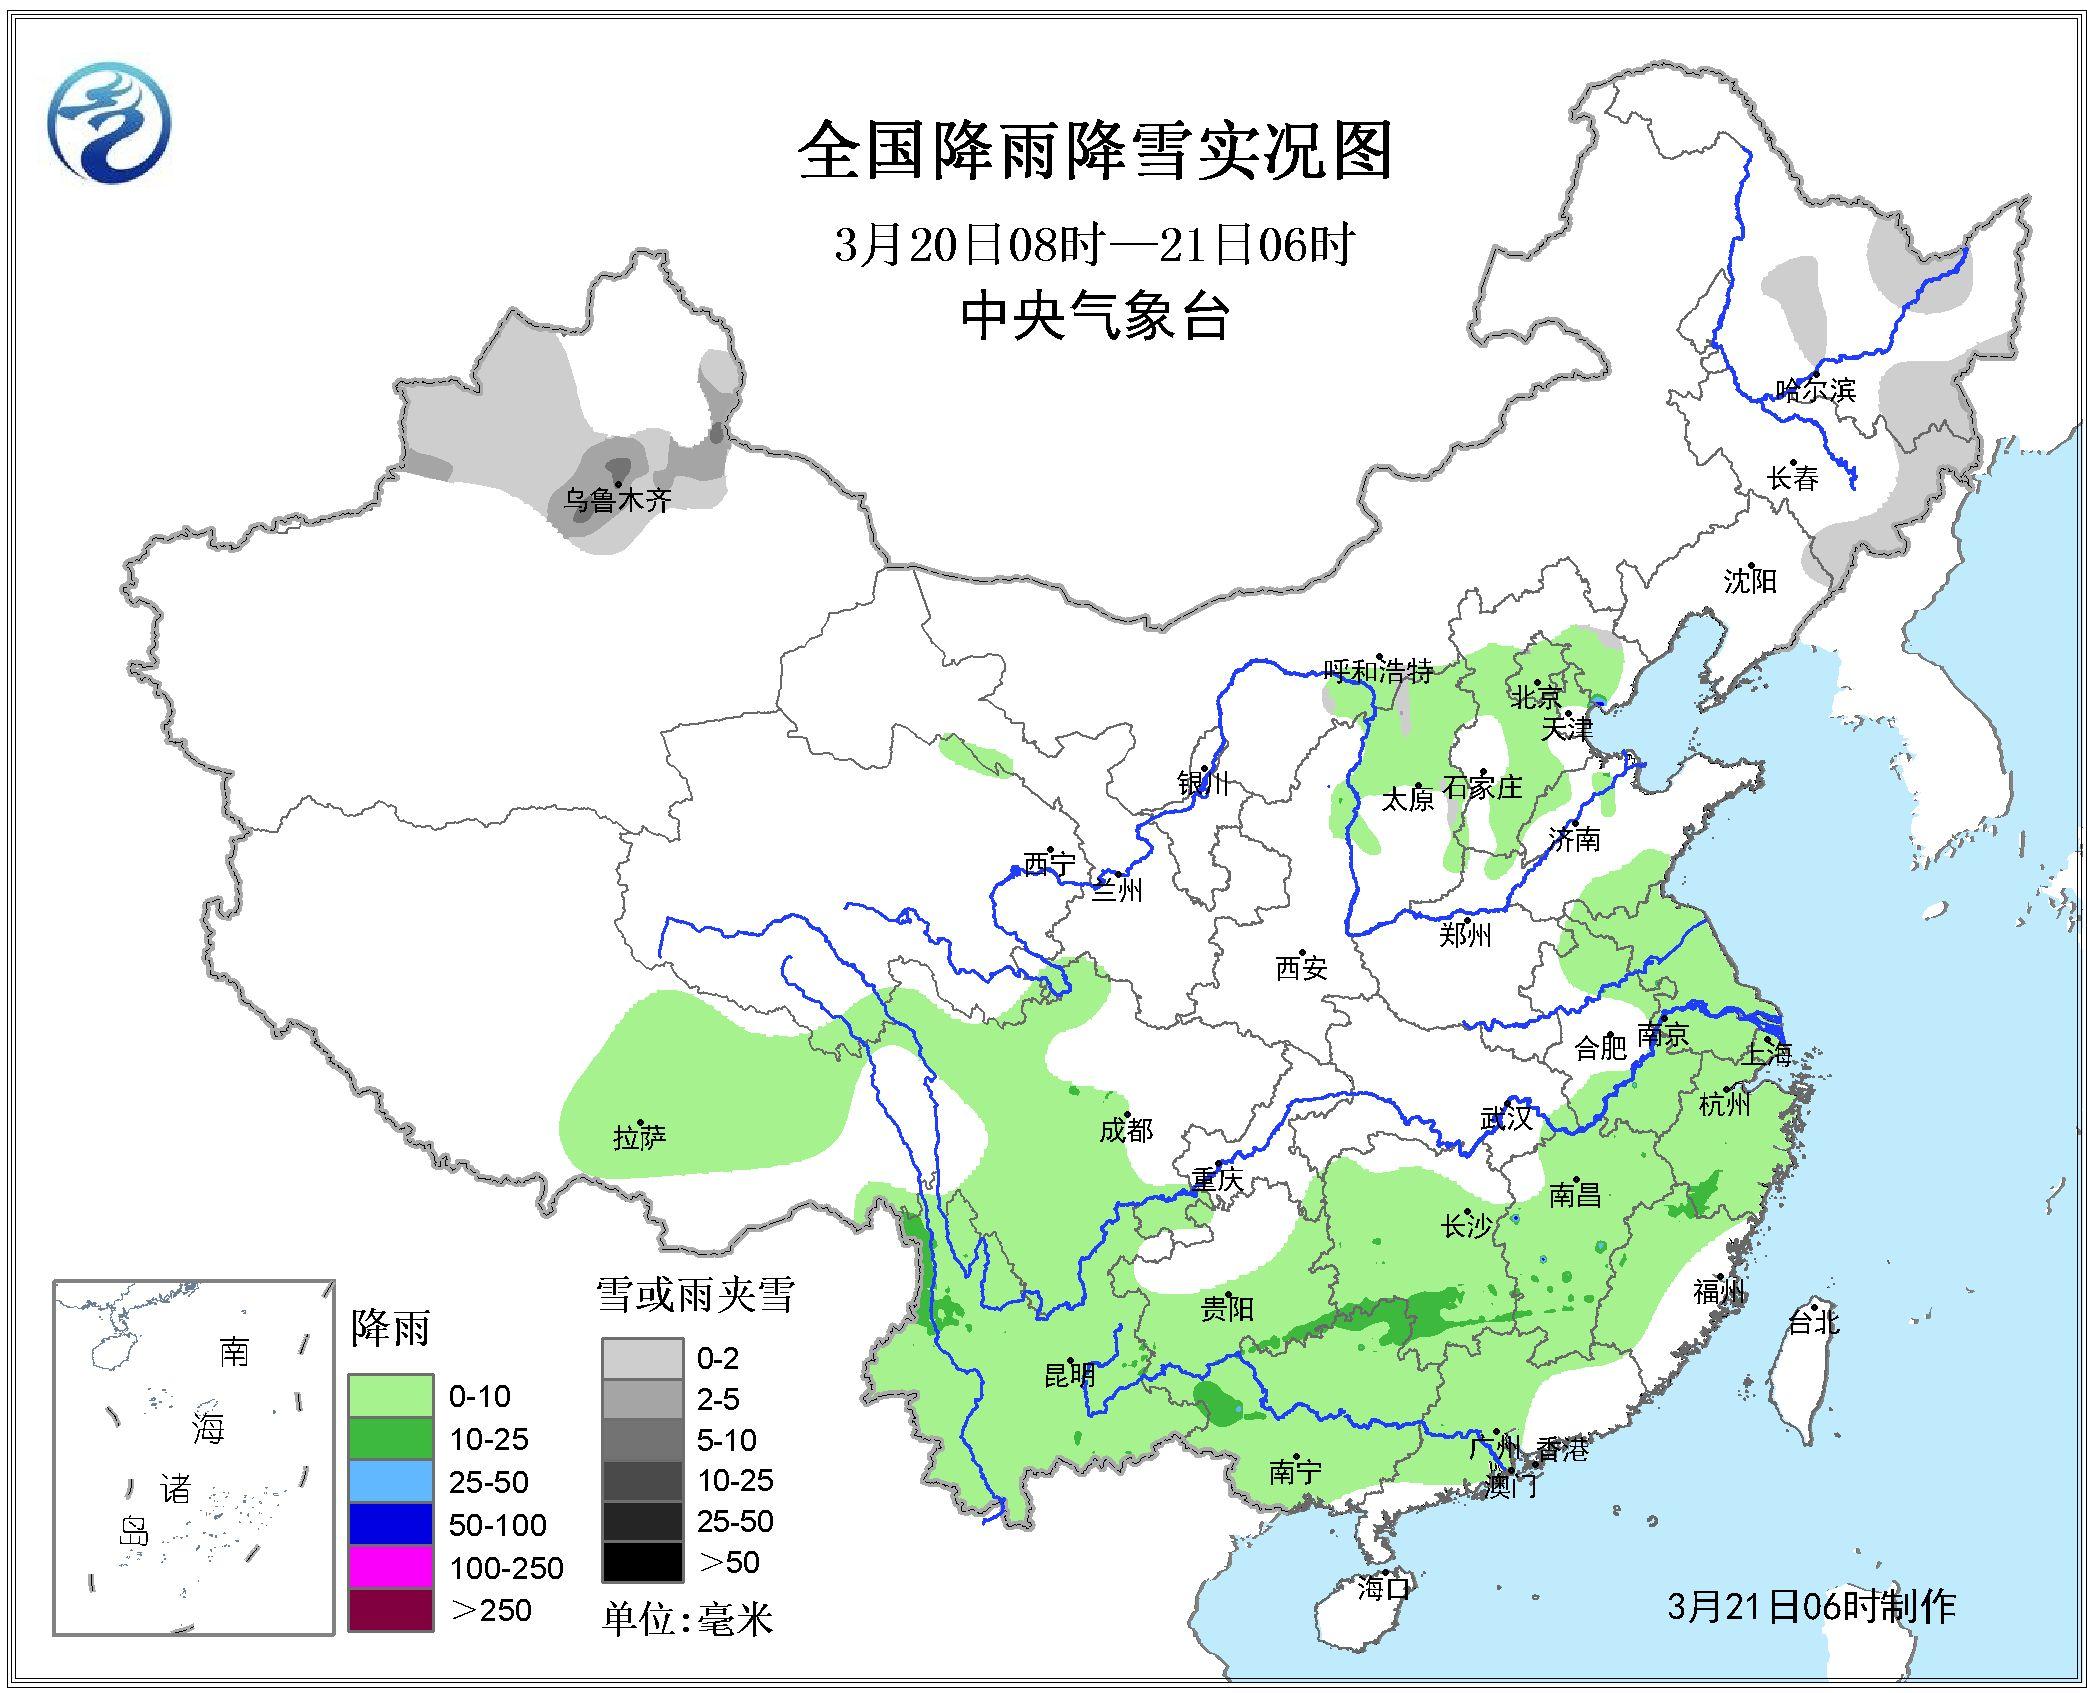 全国降雨降雪实况图032008-032106.jpg